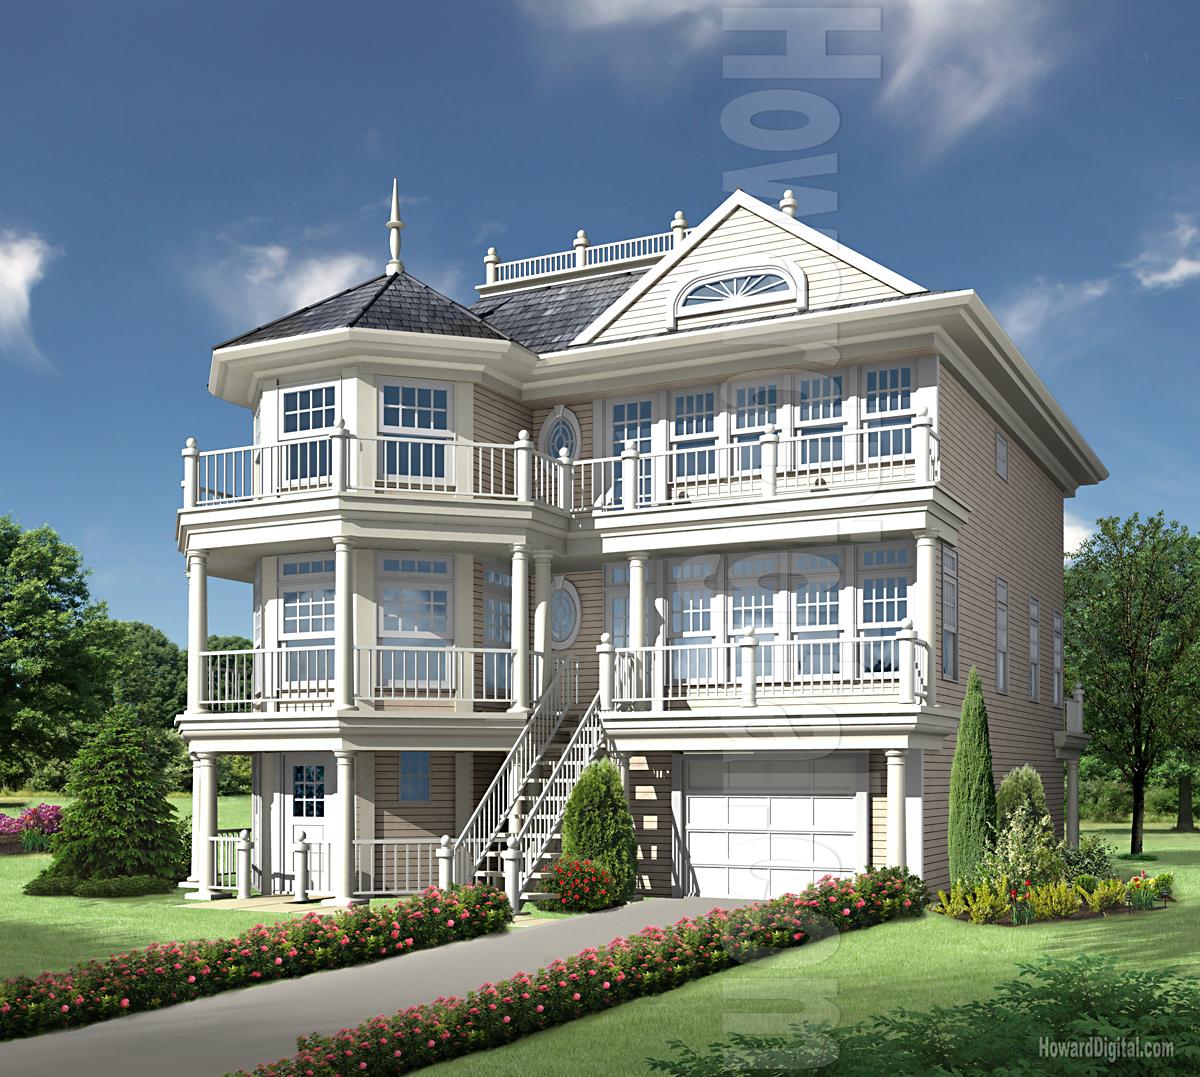 House Rendering Gallery By Howard Digital  Premium House